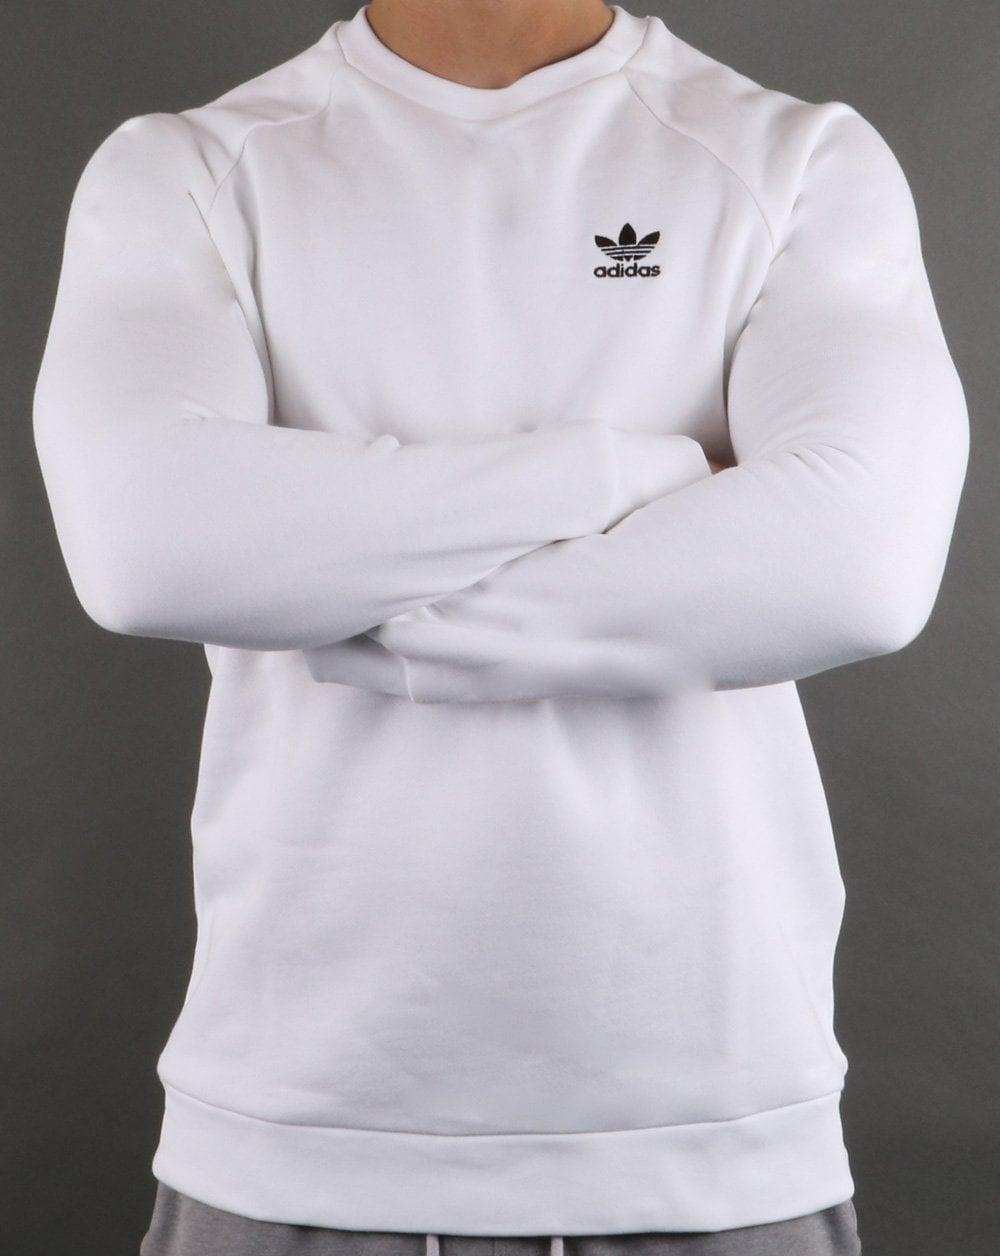 adidas Originals Mens Essential Crew Sweatshirt